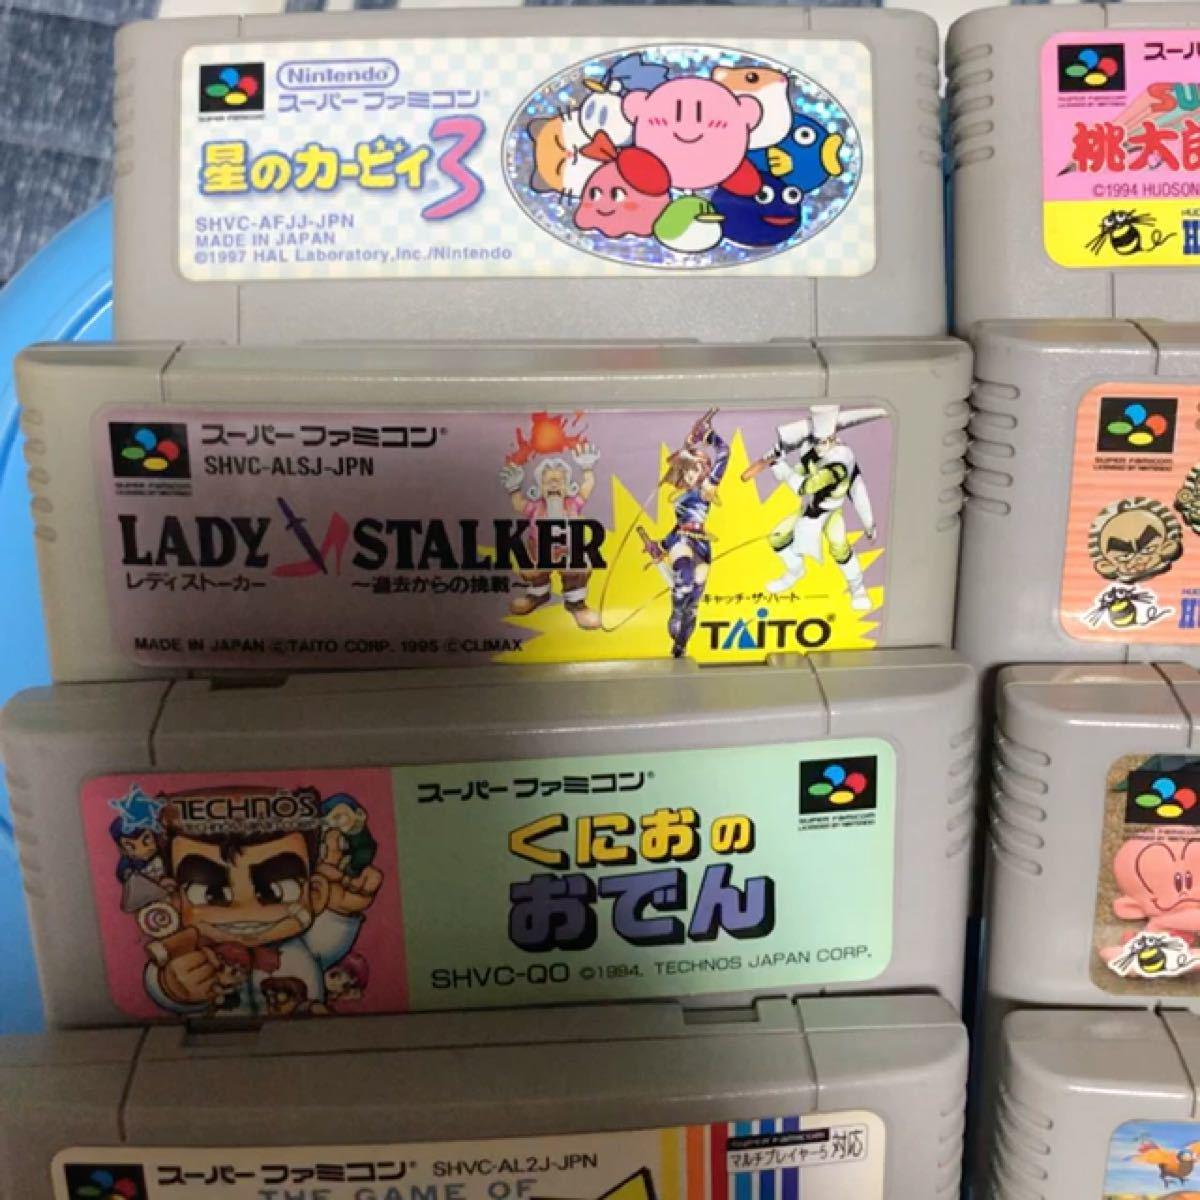 (レトロ)スーパーファミコン本体 カセット19本